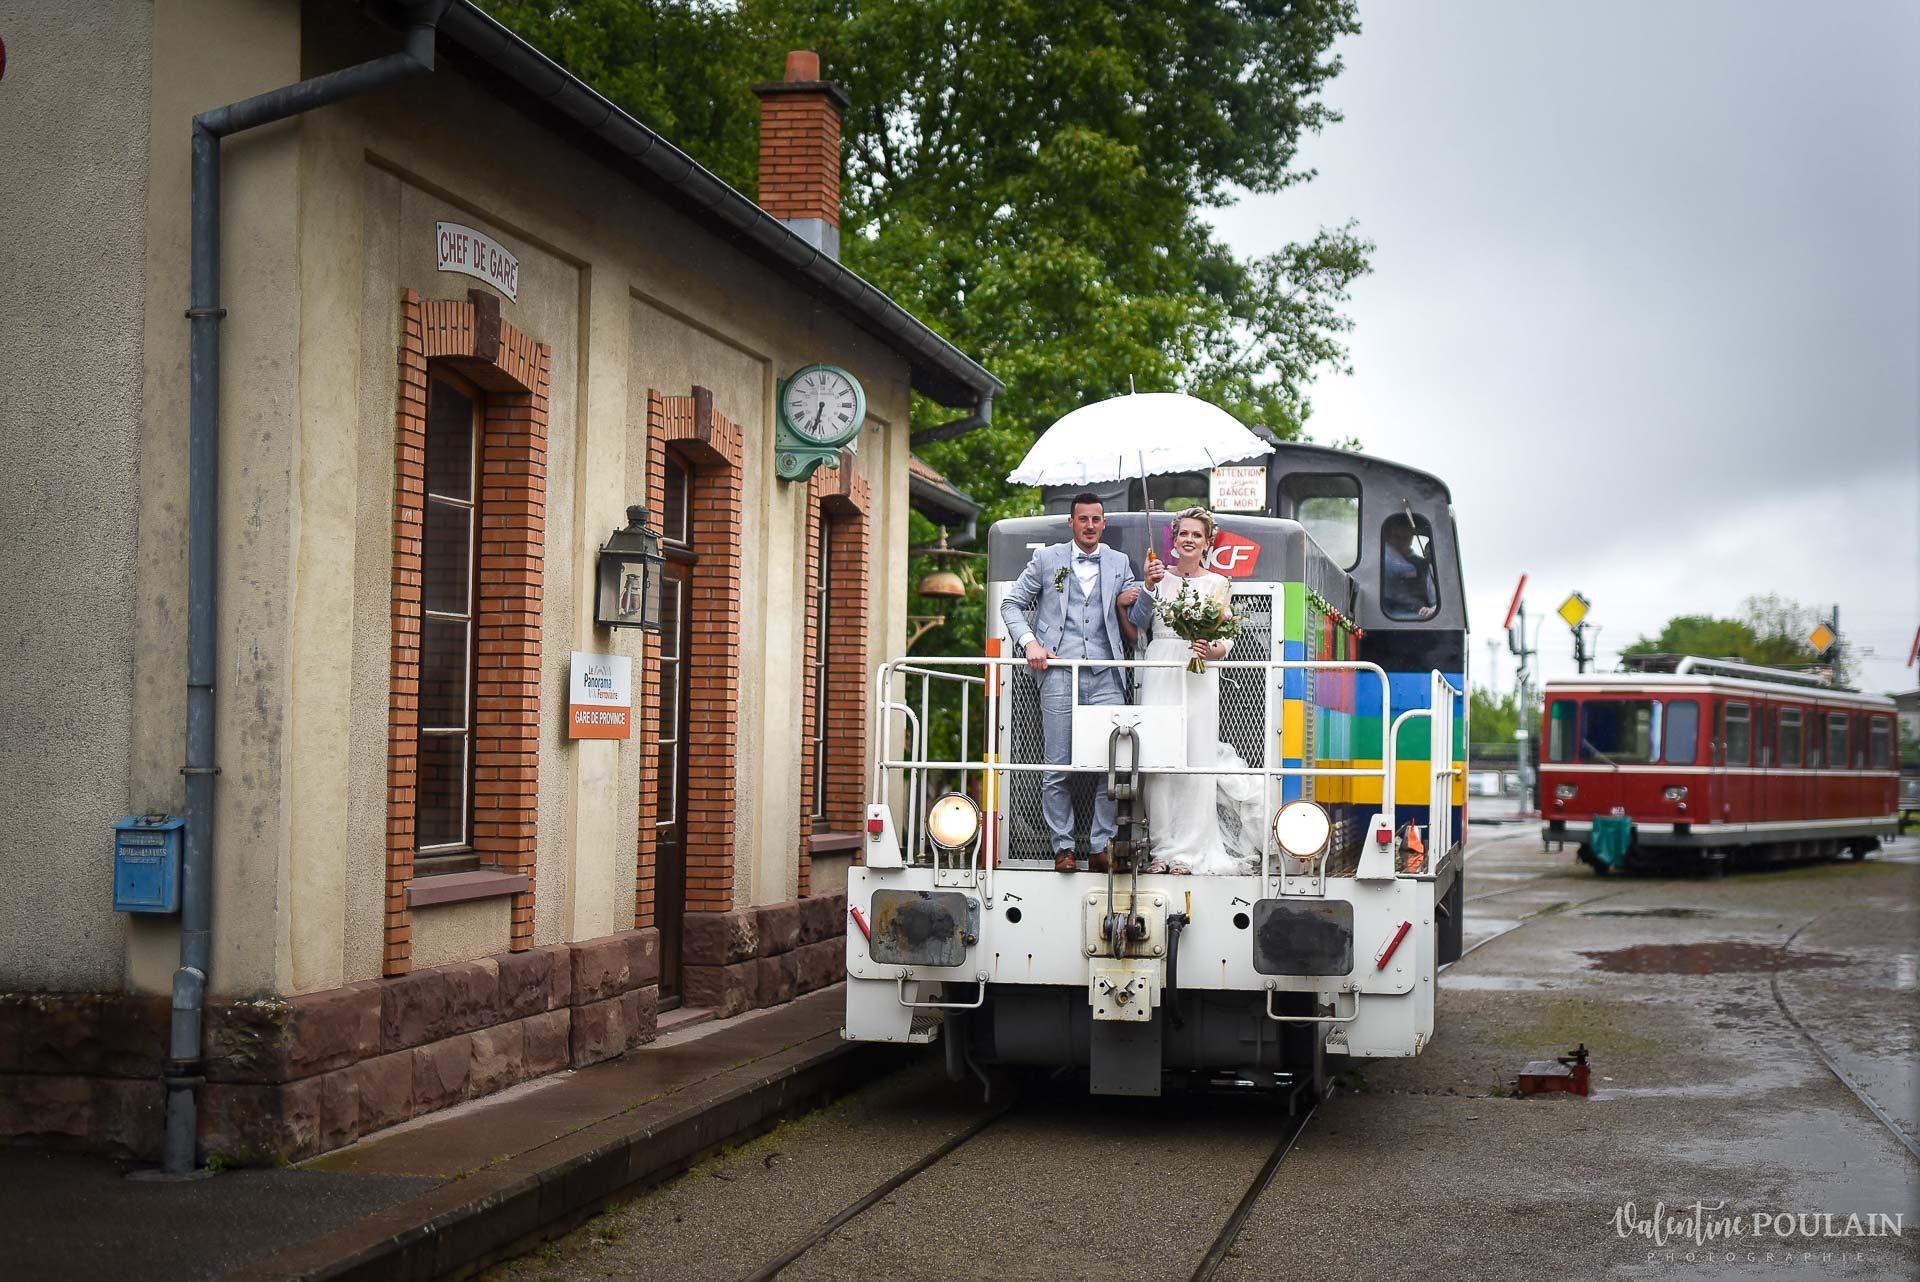 Mariage cité du train arrivée locomotive - Valentine Poulain